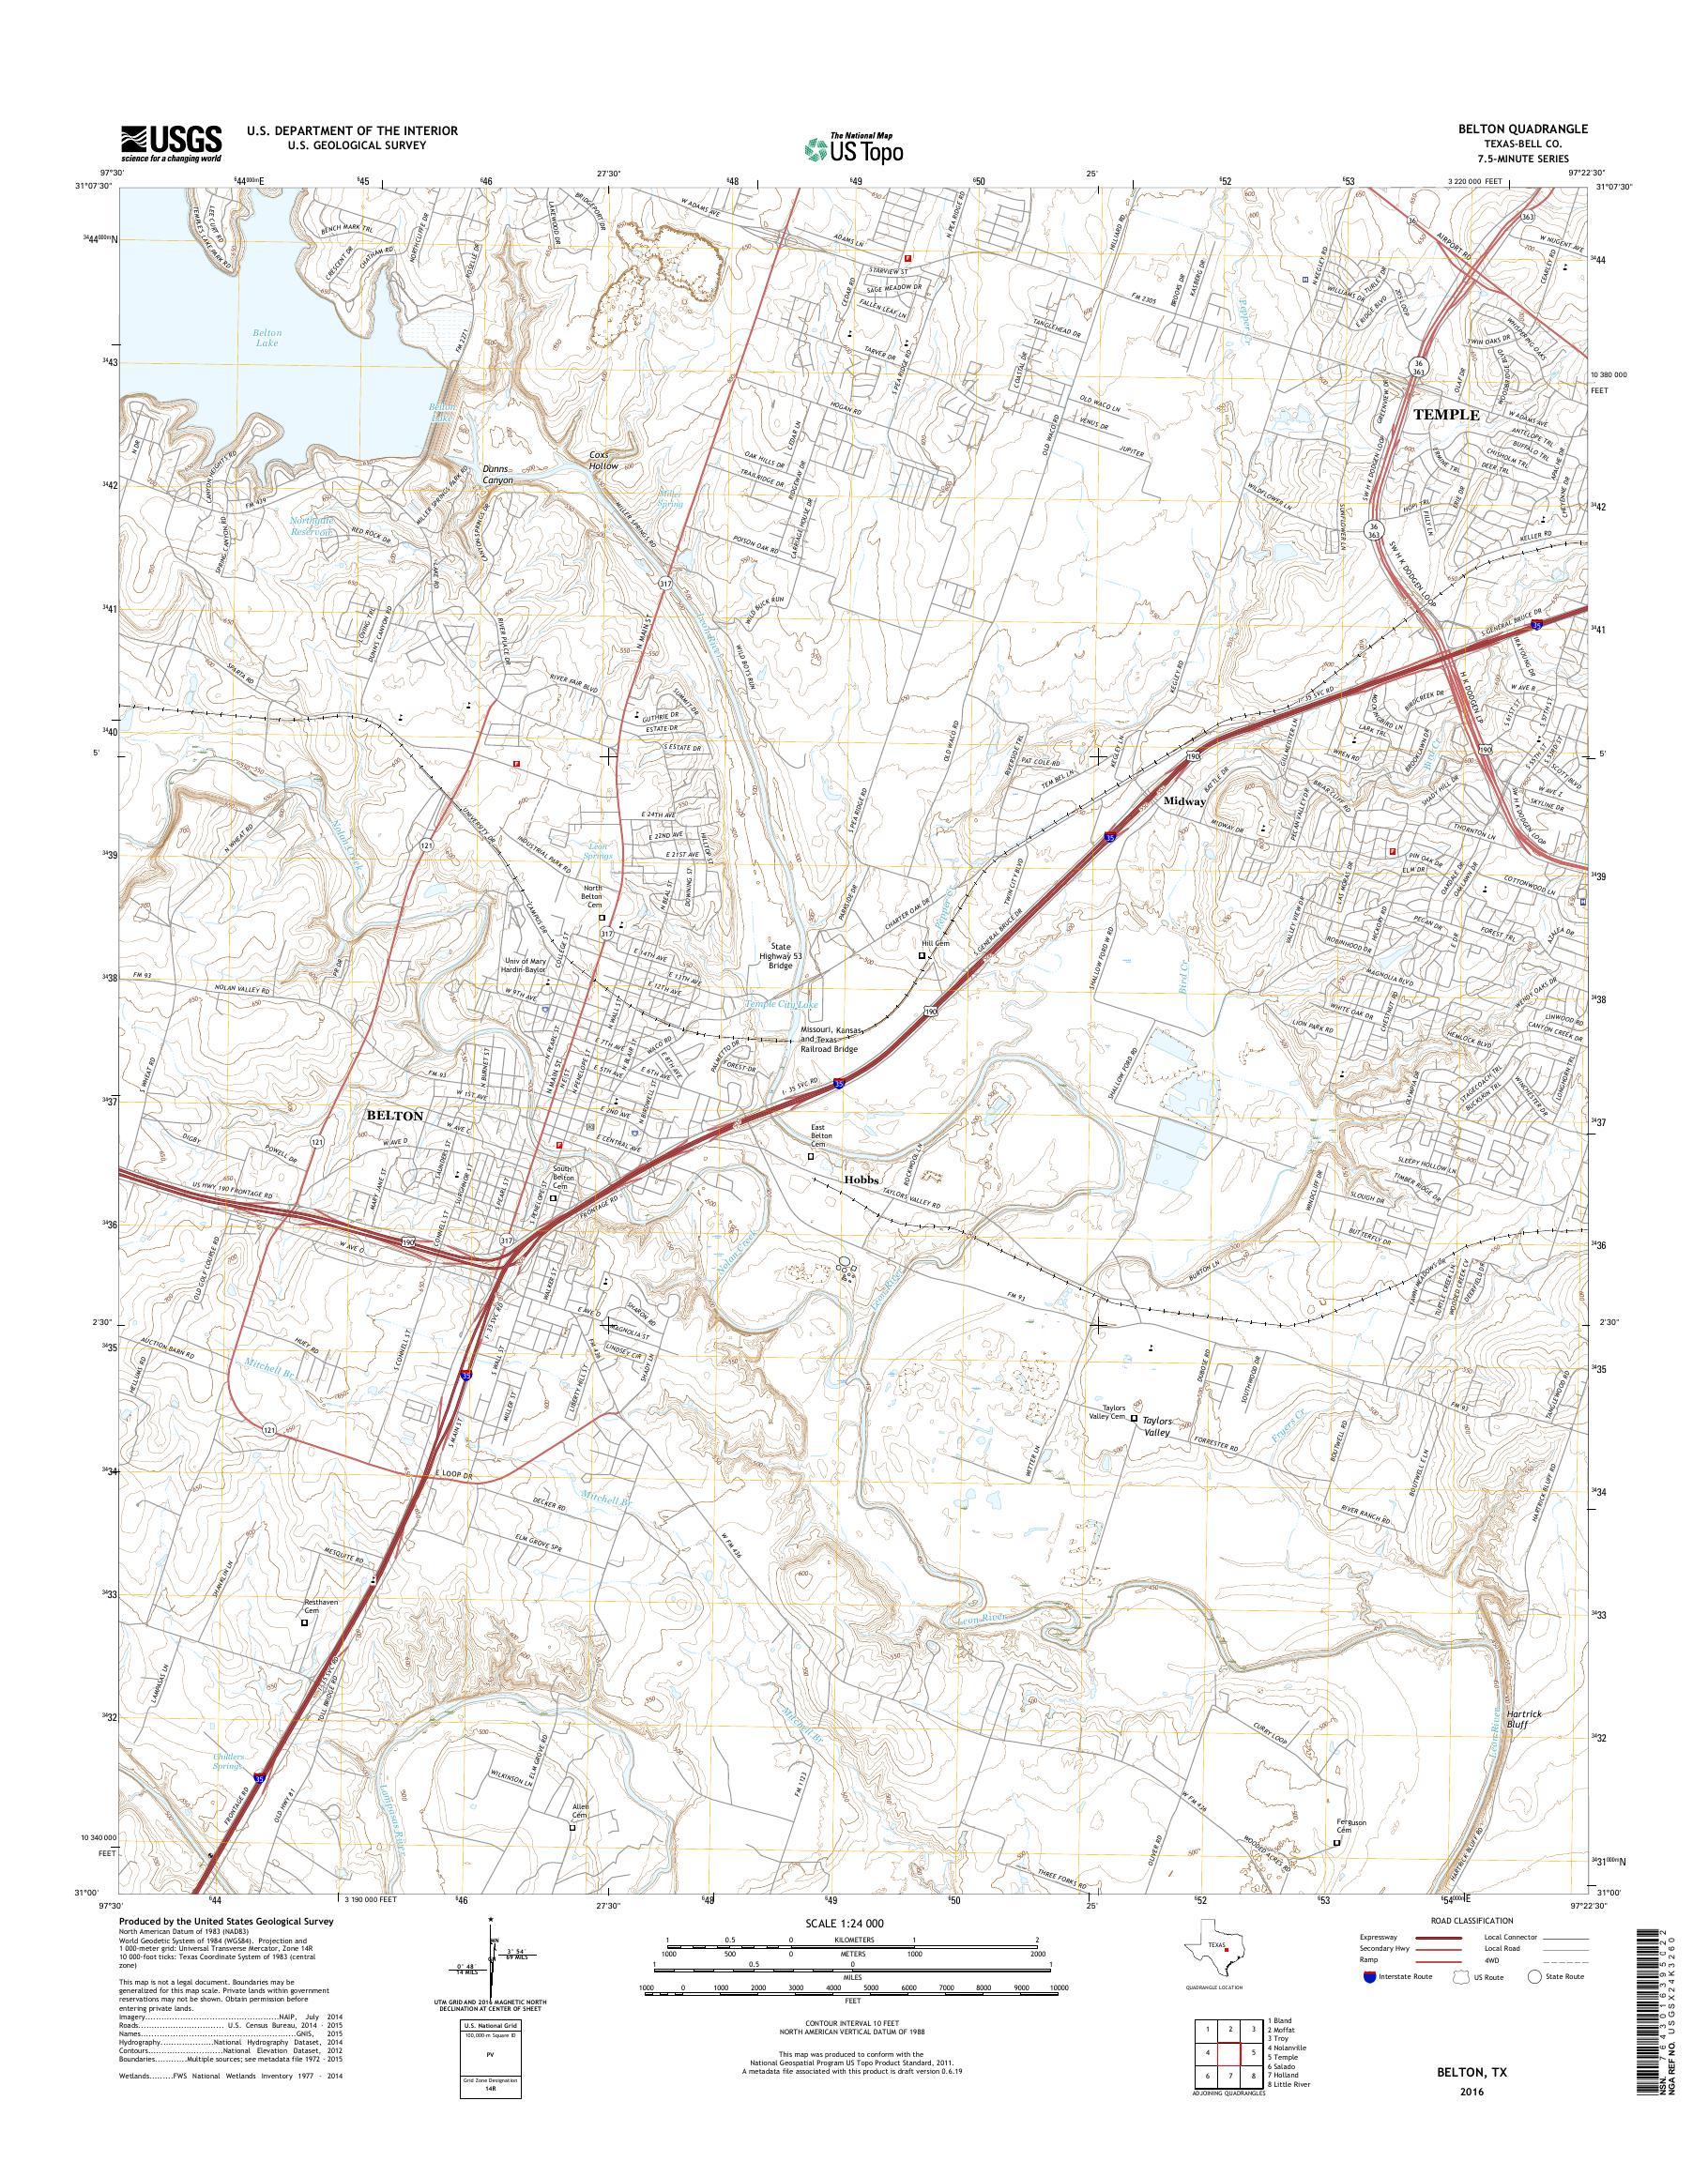 MyTopo Belton, Texas USGS Quad Topo Map